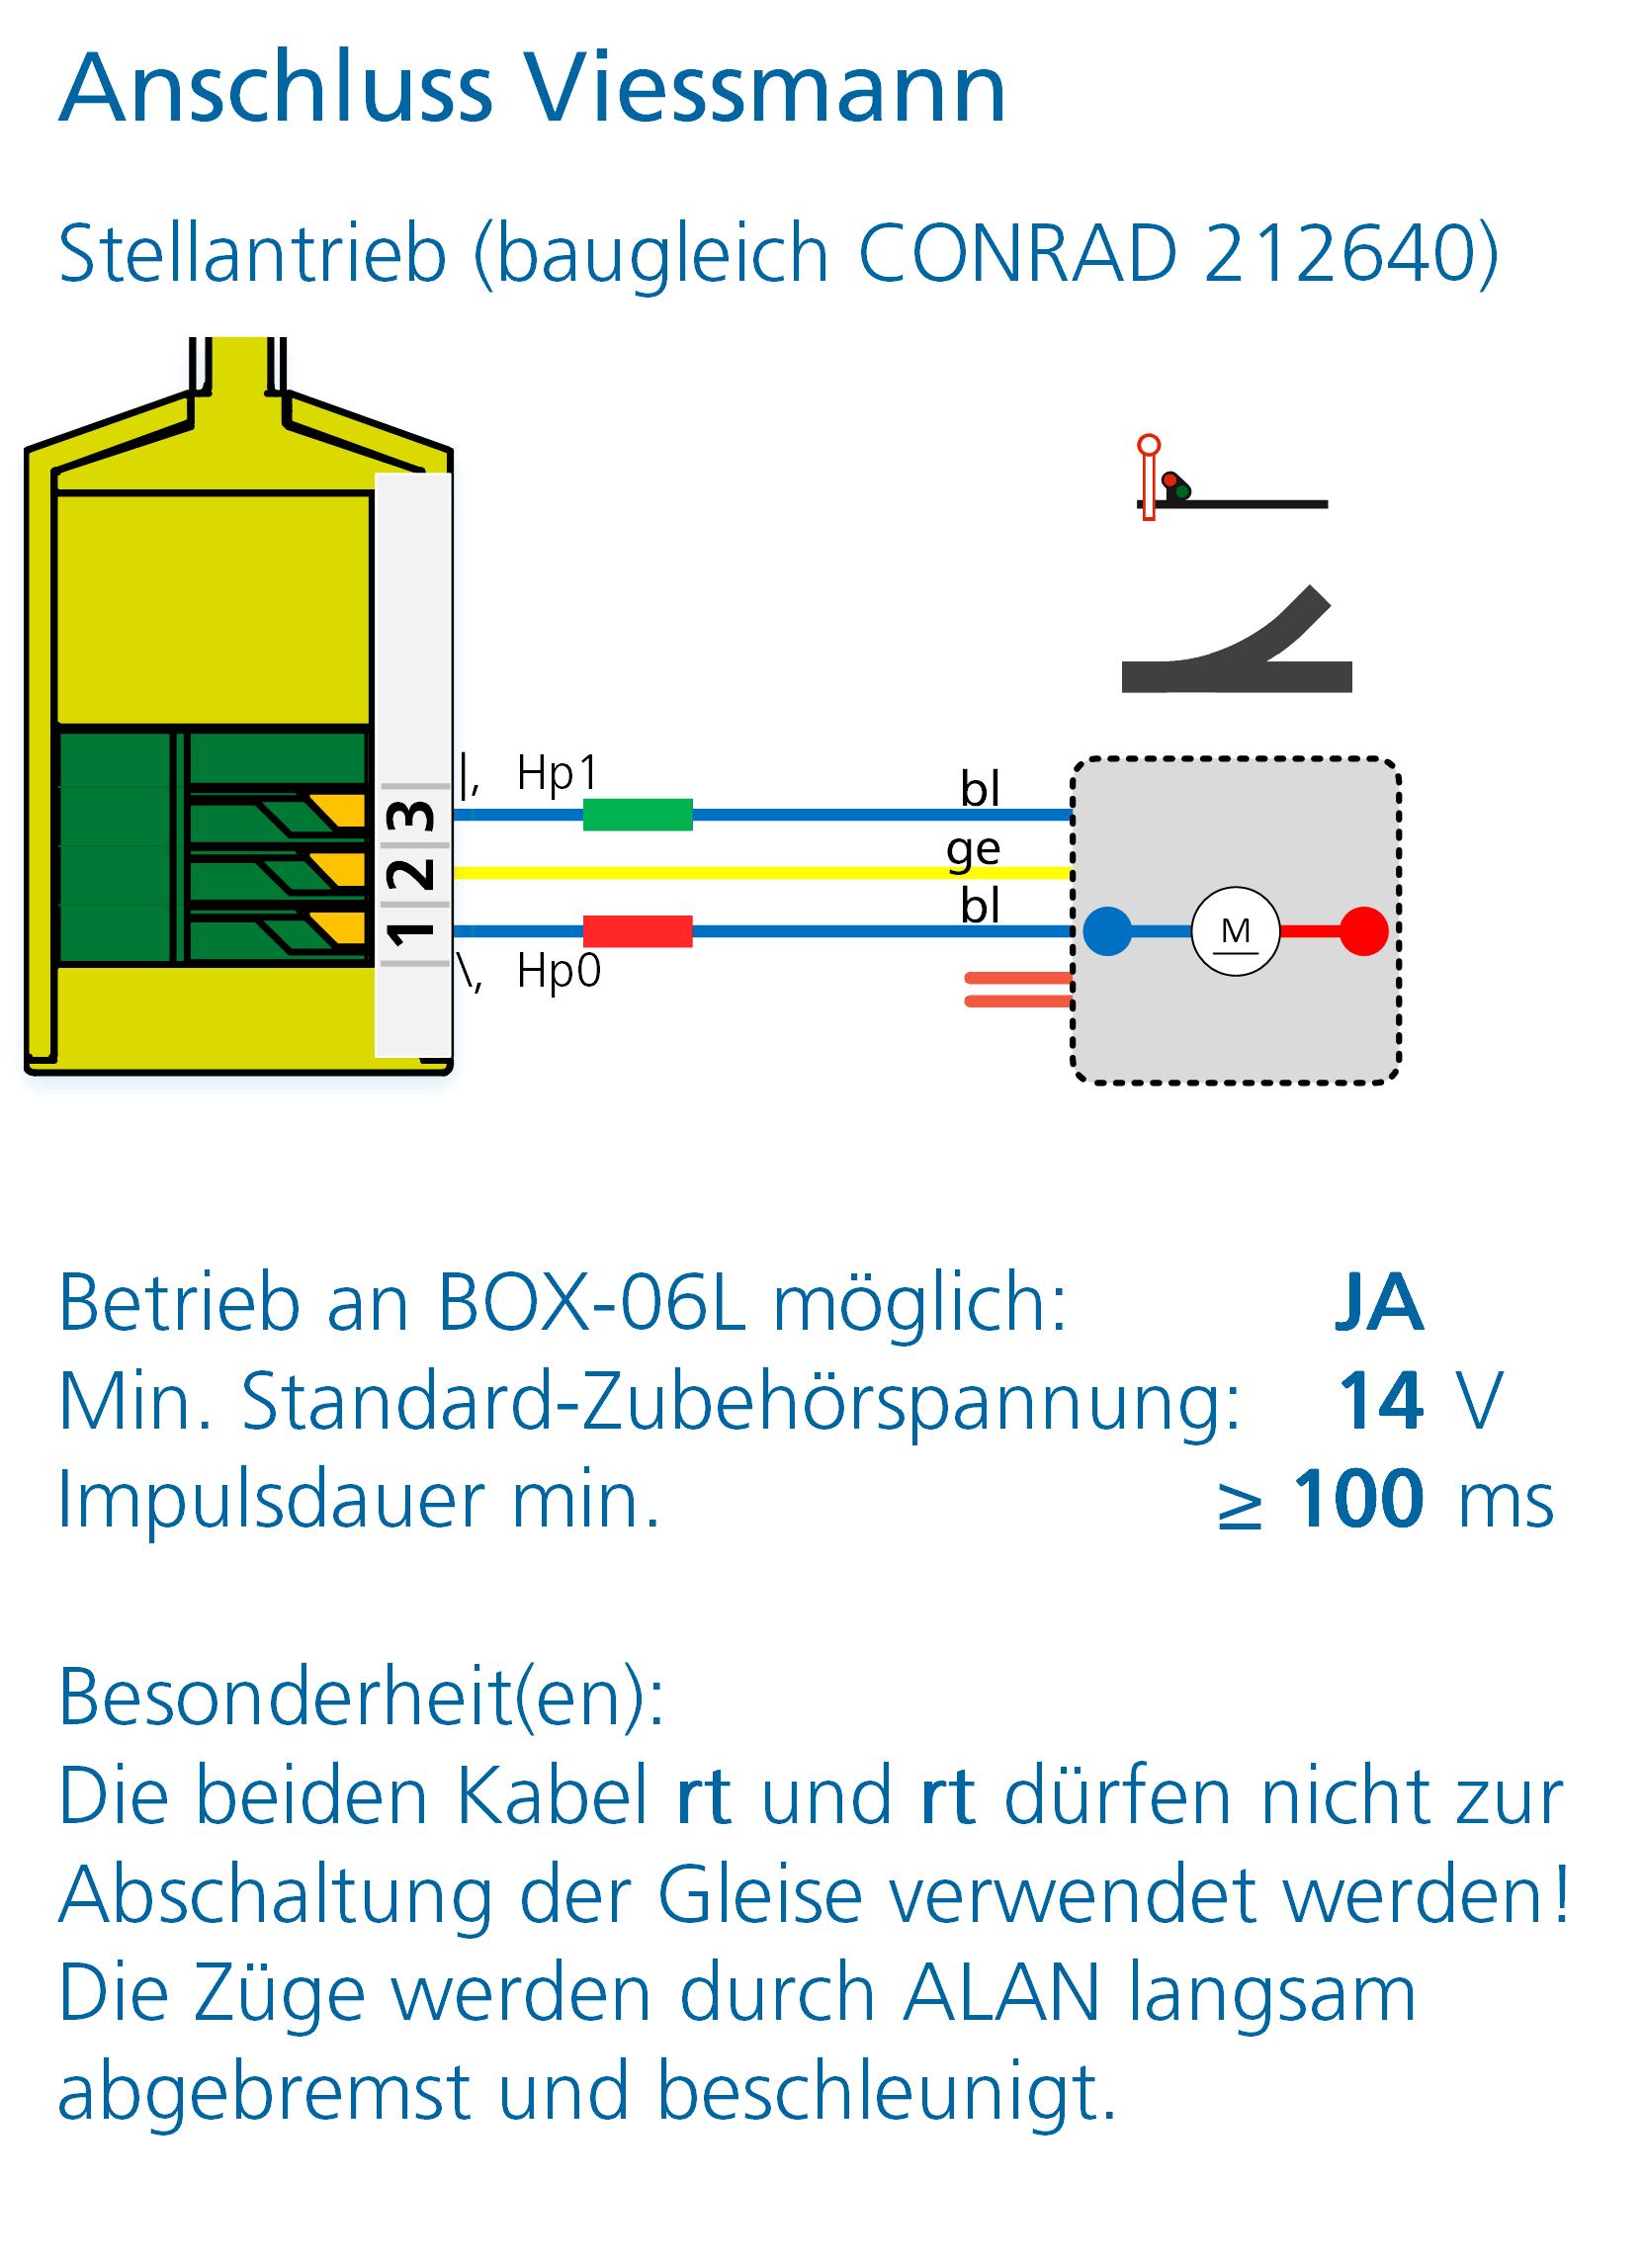 ALAN Adapter BRIDGE-03L Artikel-Nummer 18032 Anschlussbeispiel Viessmann Stellantrieb